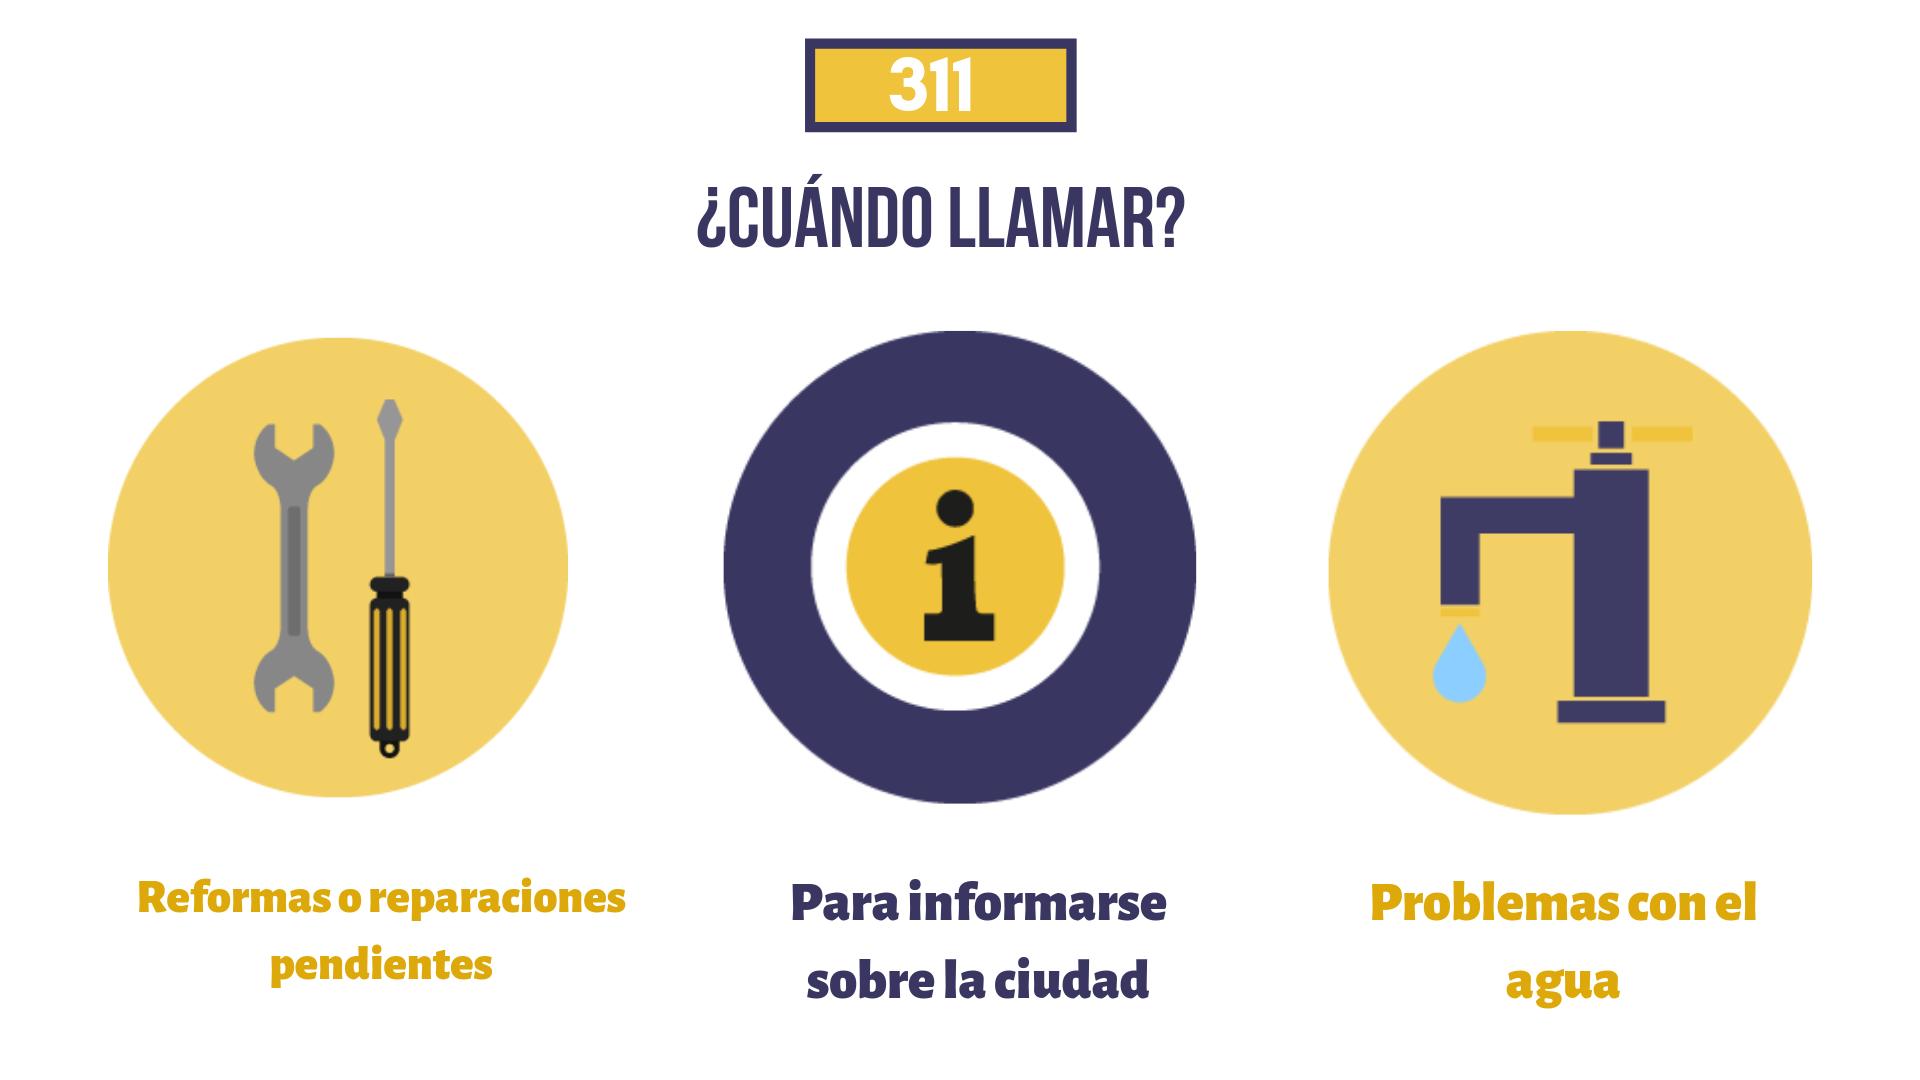 Infografía que describe varias situaciones en las que la 311 puede actuar.